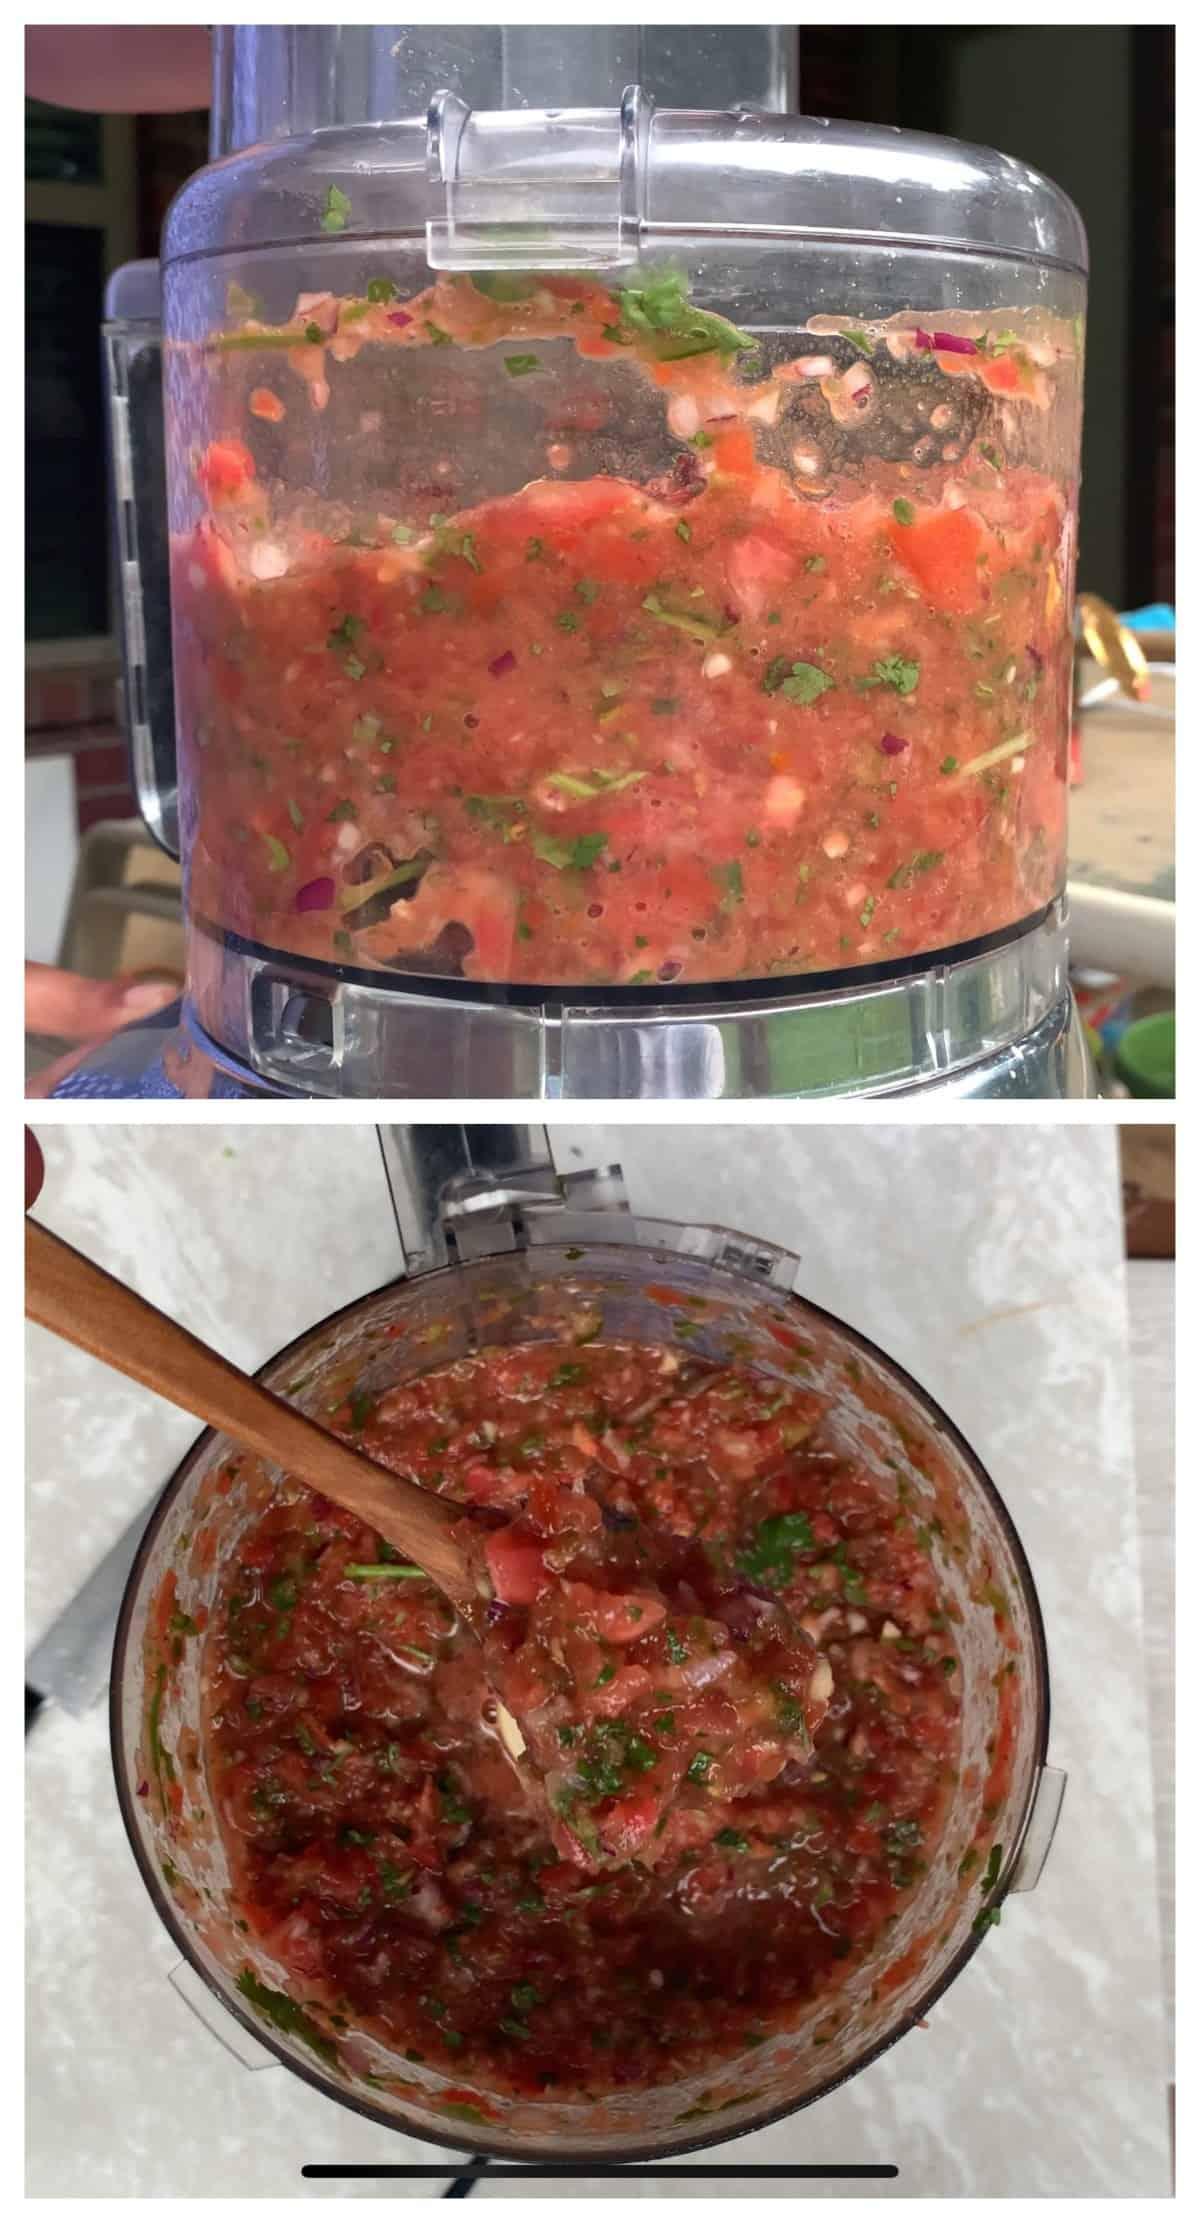 Making Tomato salsa in a food processor